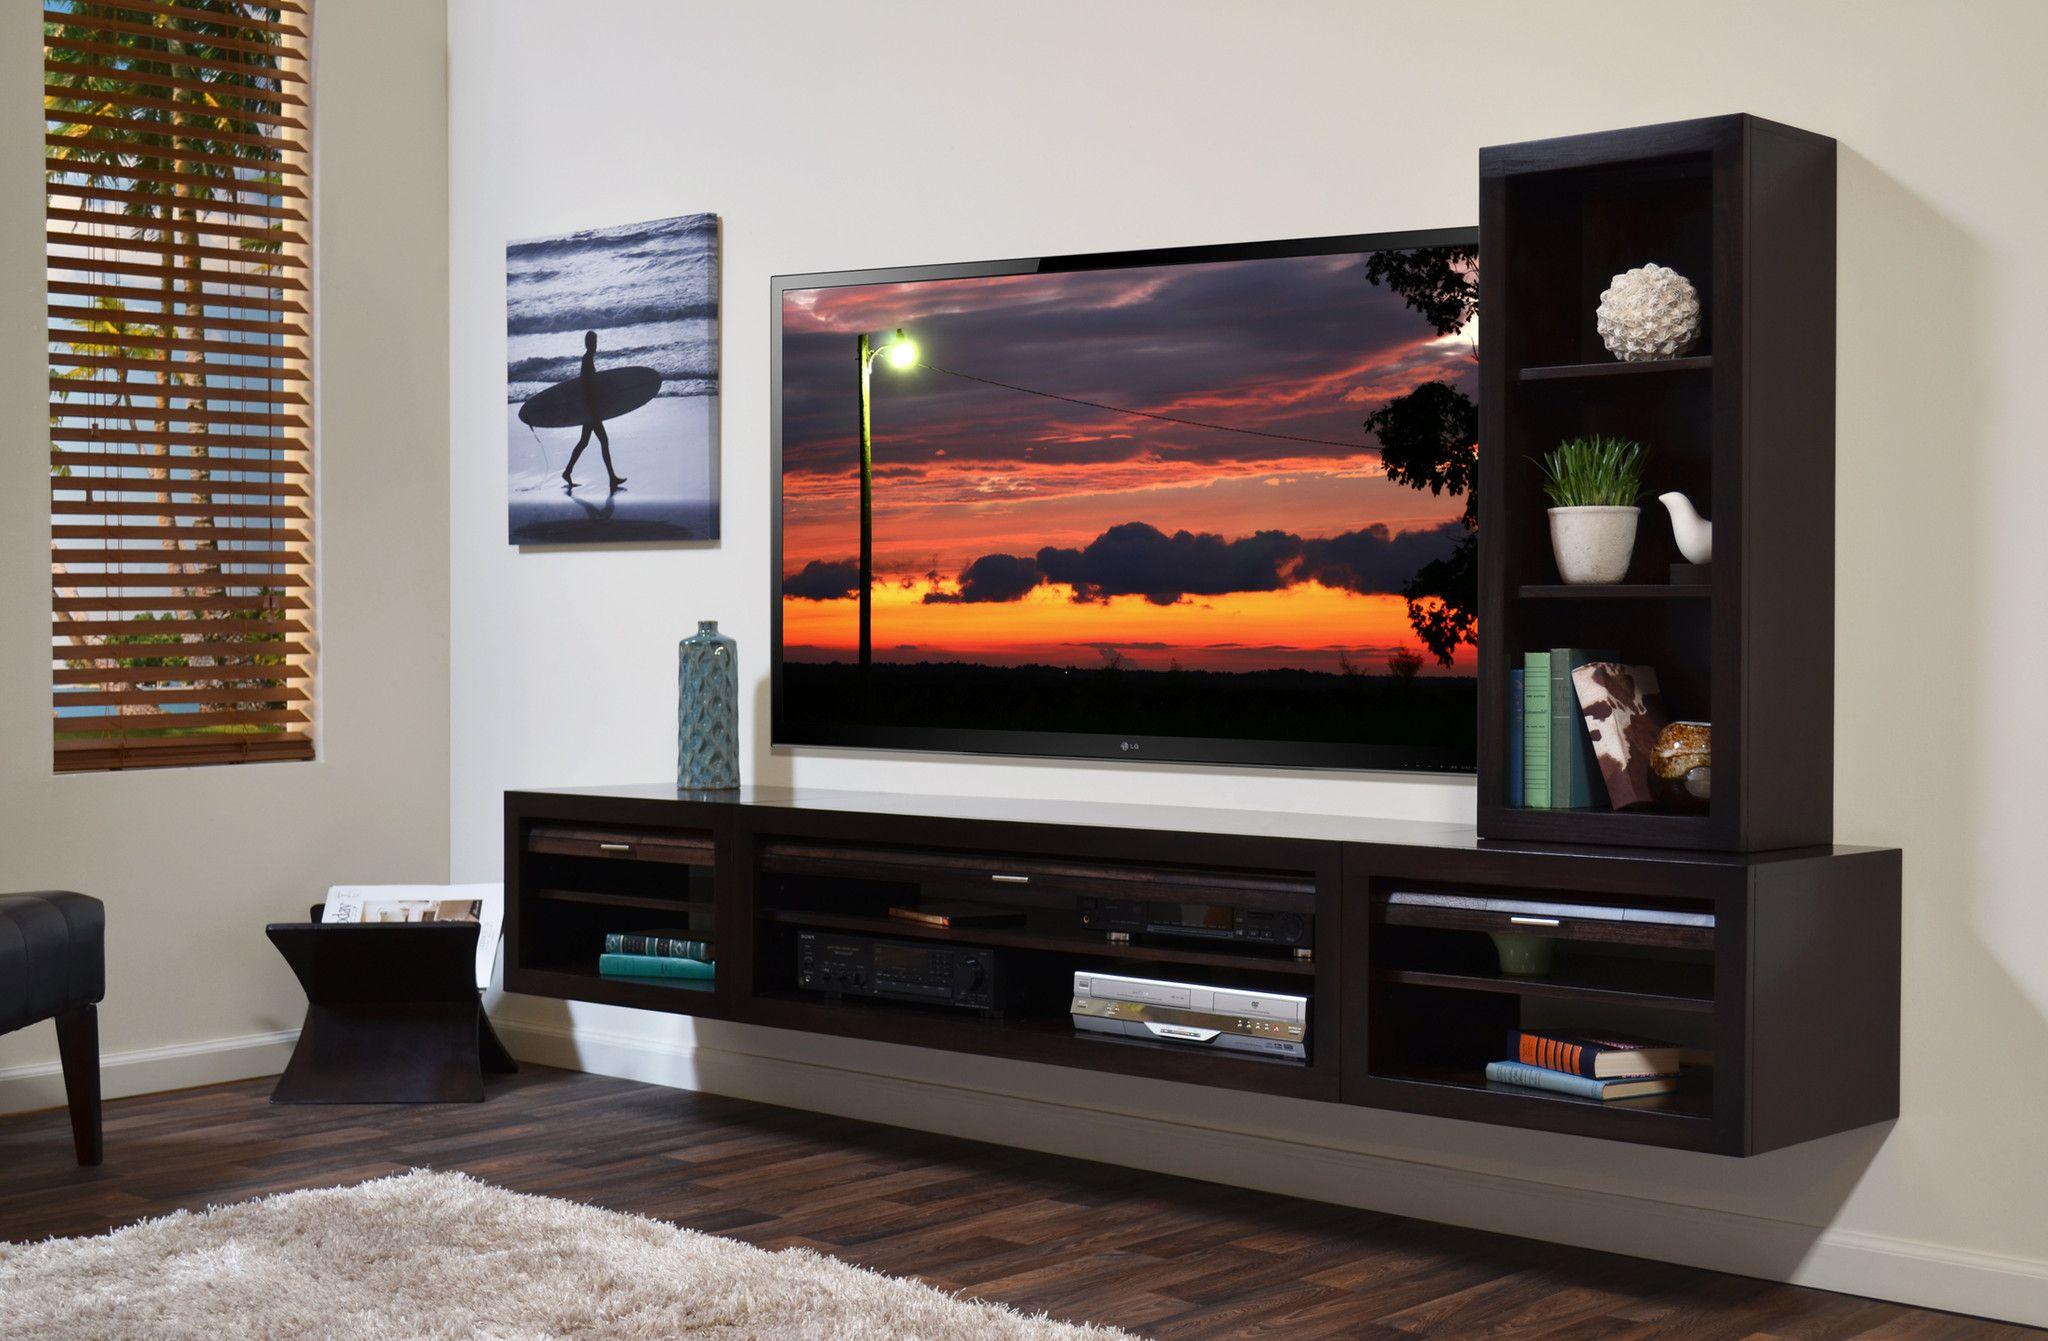 Floating Shelves For Entertainment Center Entertainment Center Floating Shelves  Google Search  Home